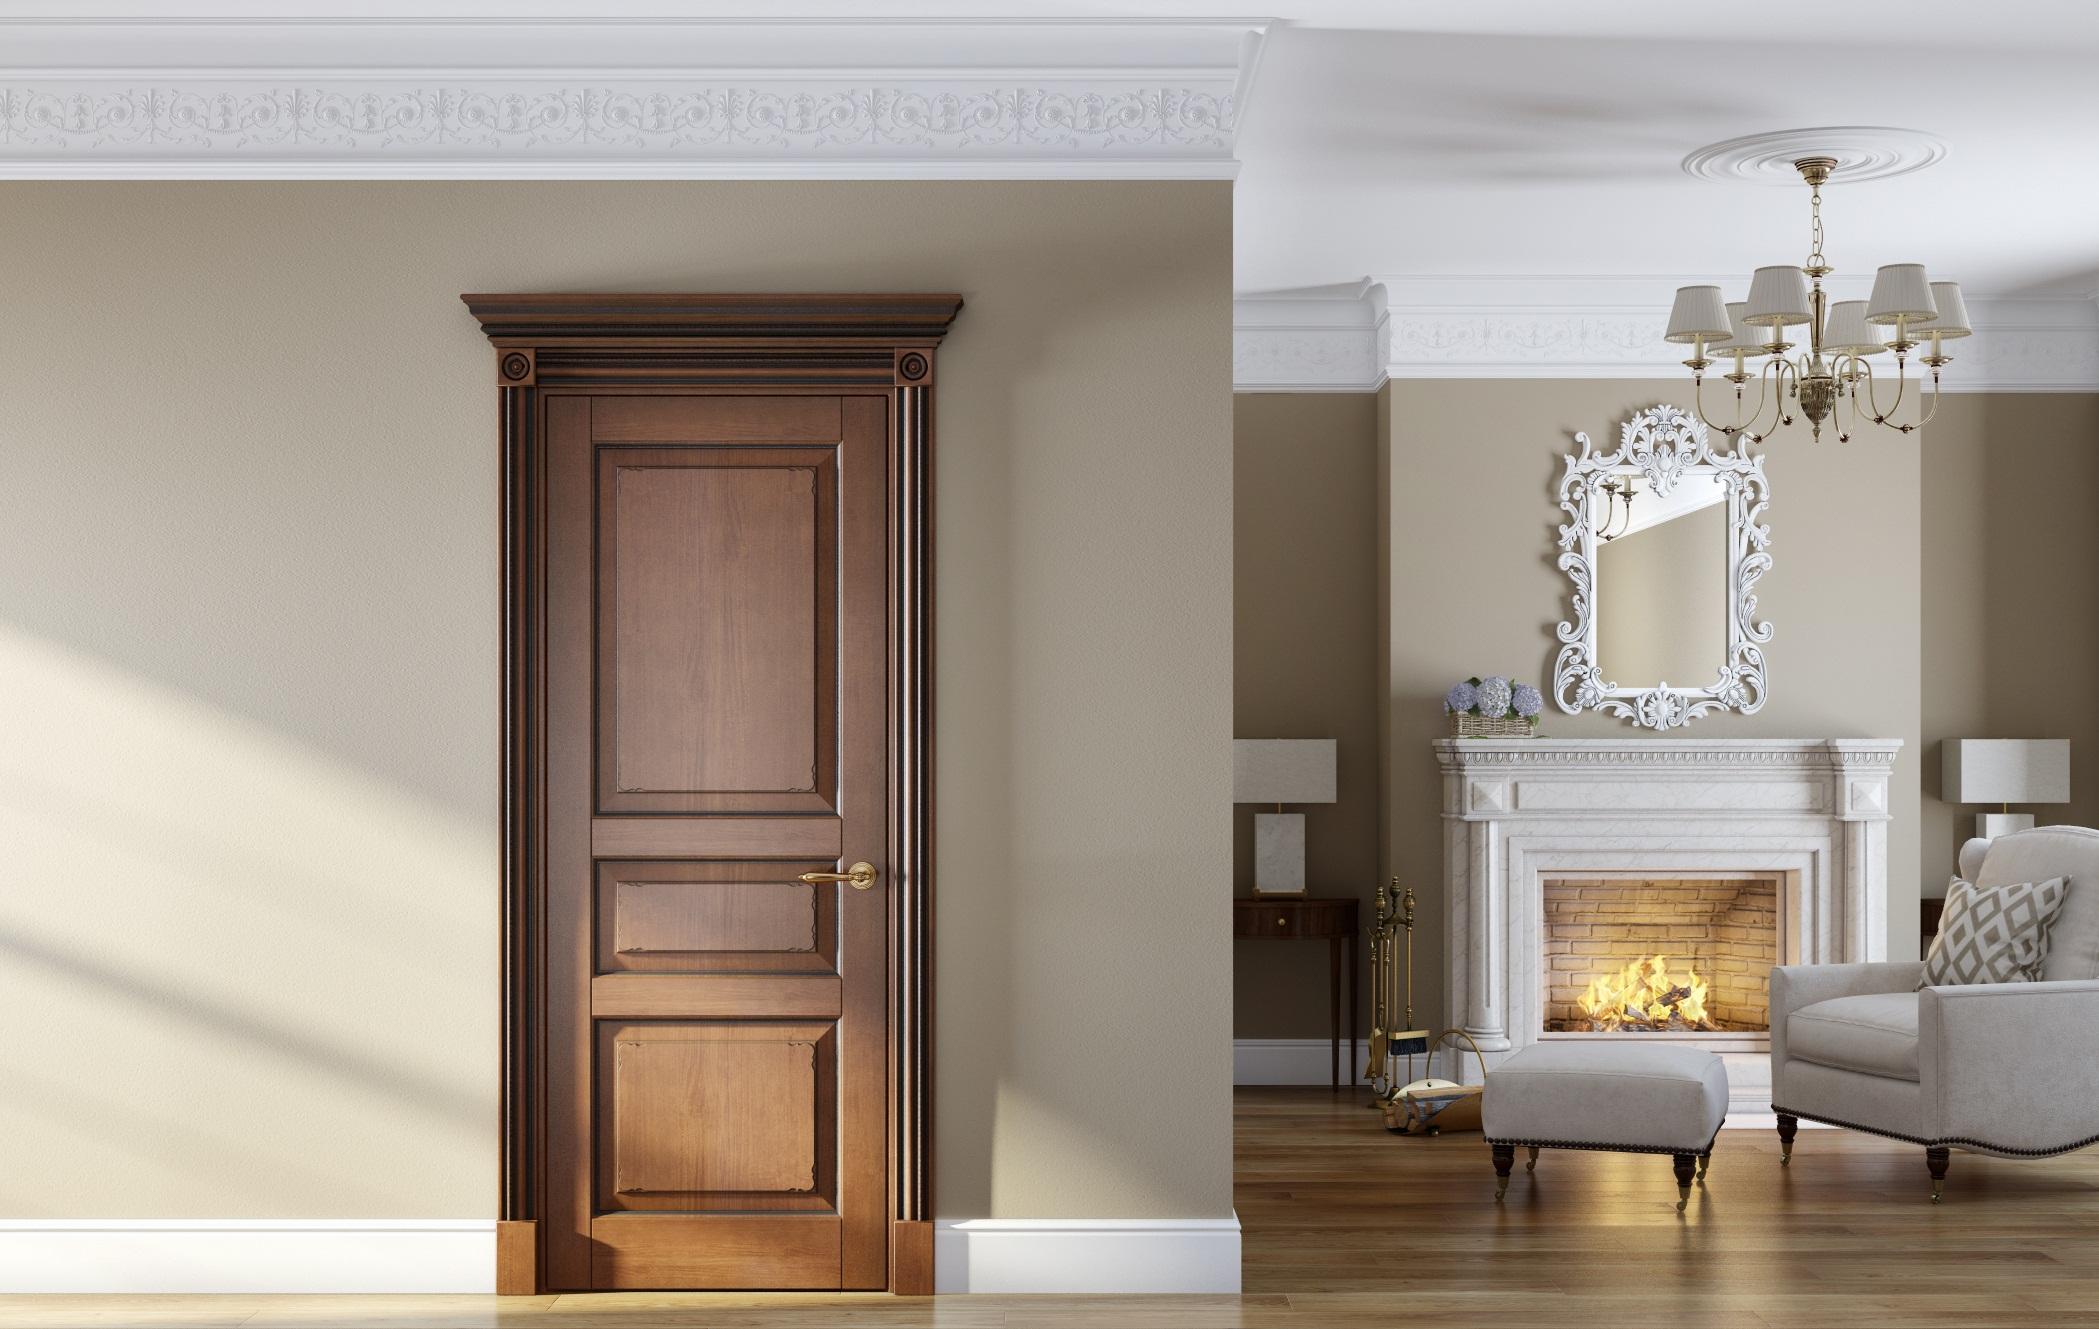 Межкомнатные двери волховец в интерьере квартиры фото